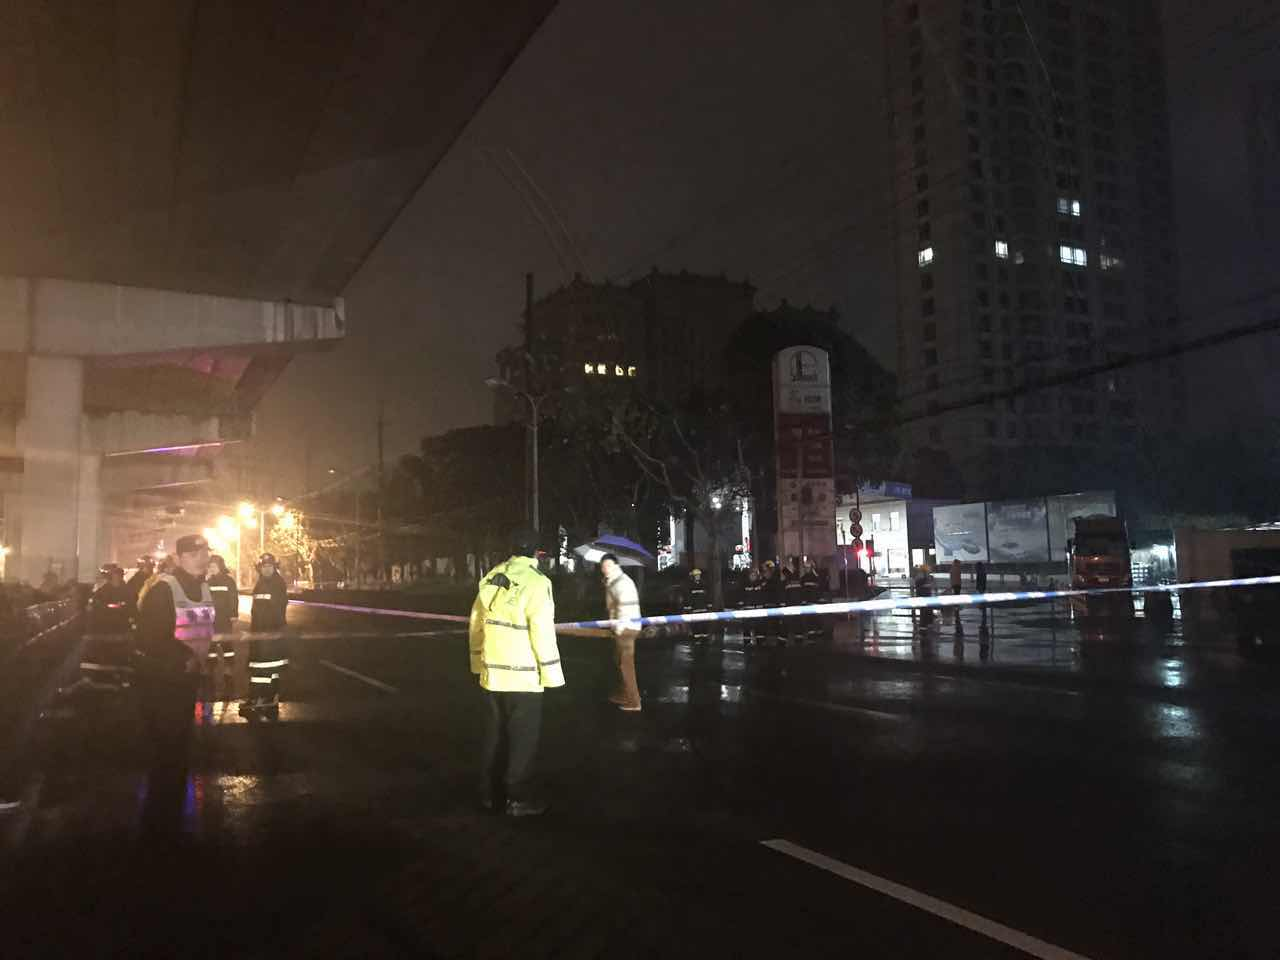 宝山区沪淞油气站内一槽罐车泄漏 暂无人员伤亡